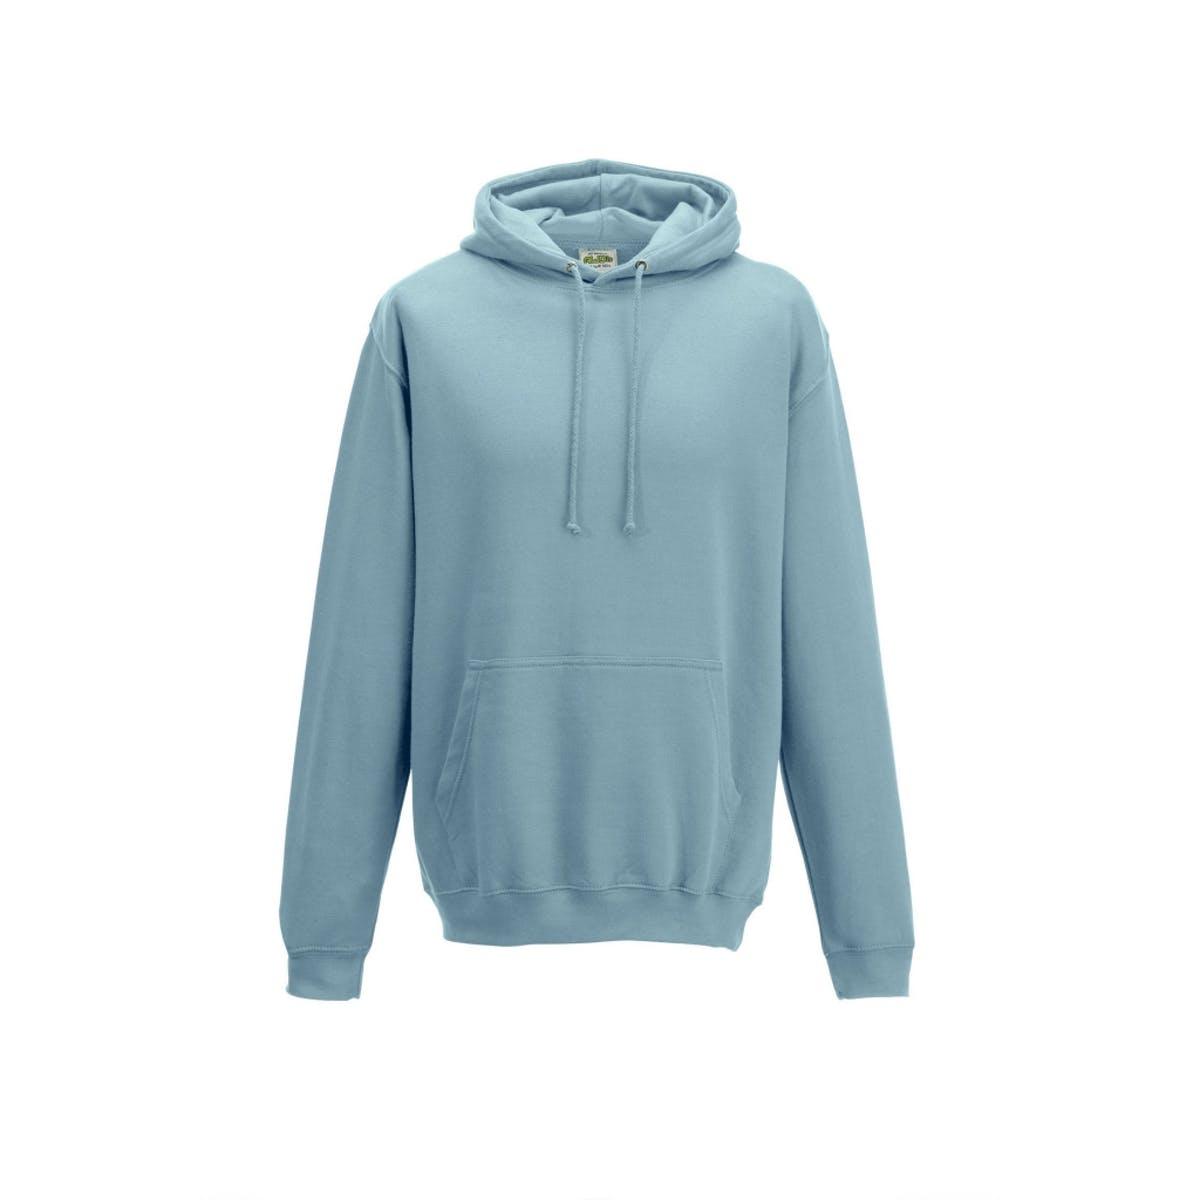 sky blue college hoodies